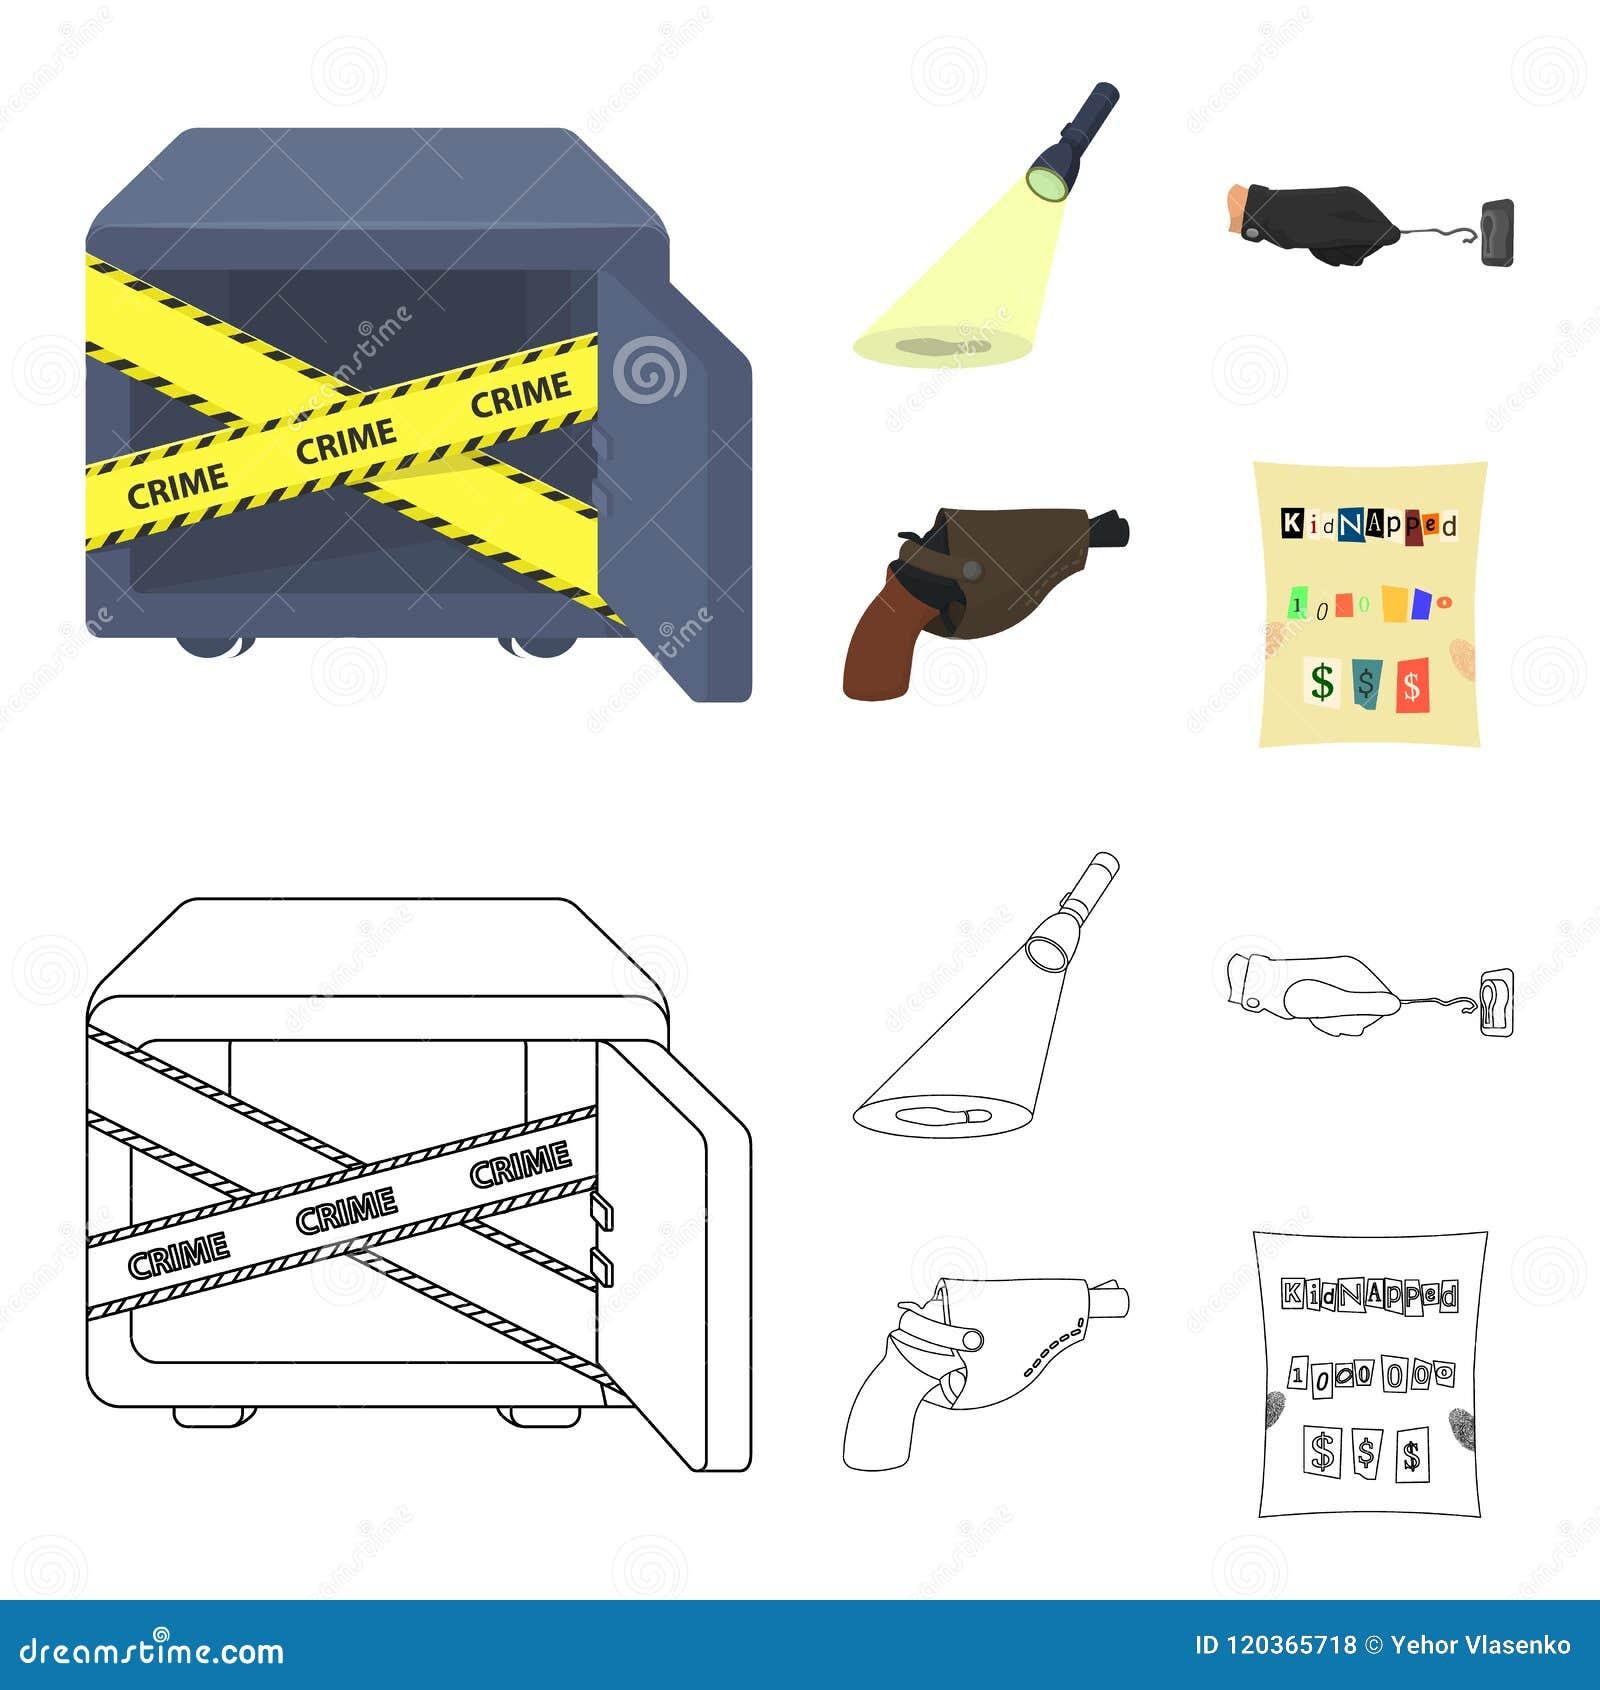 侦探手电阐明脚印,有万能钥匙的犯罪手,在手枪皮套的一把手枪,